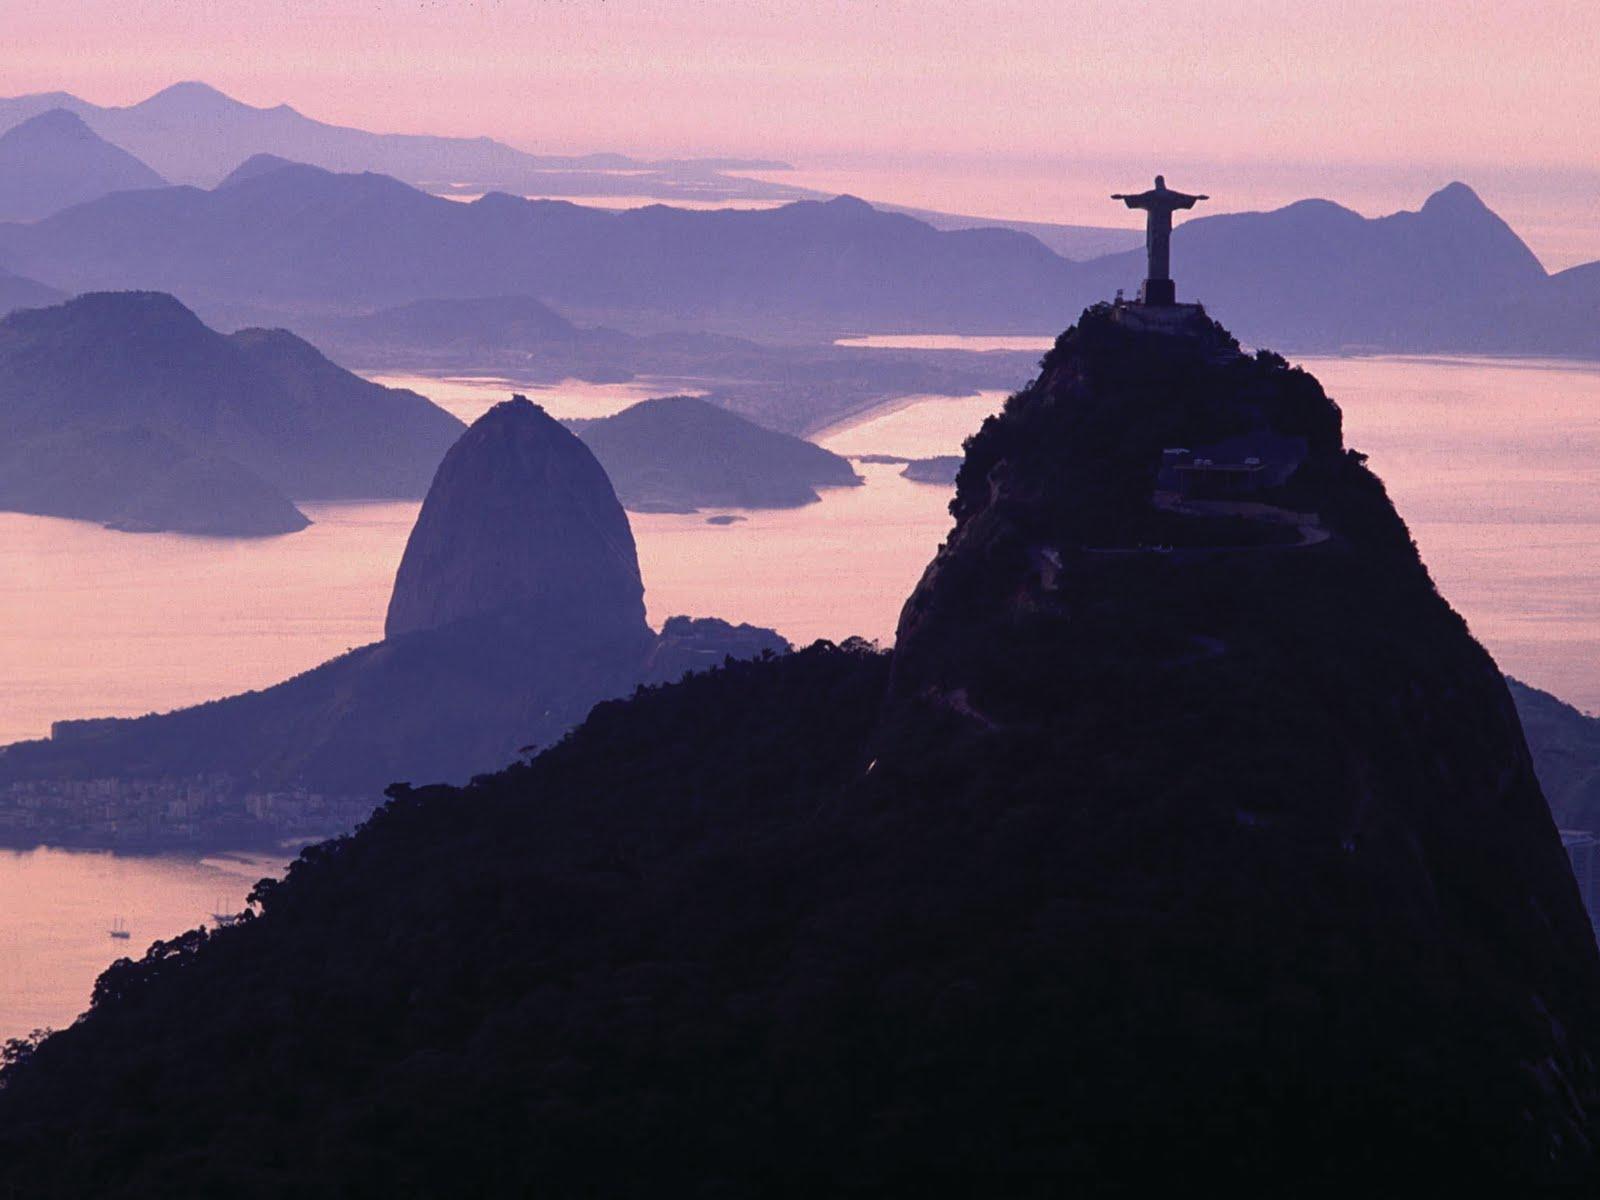 Voyage à Rio de Janeiro en amoureux : 5 idées romantiques